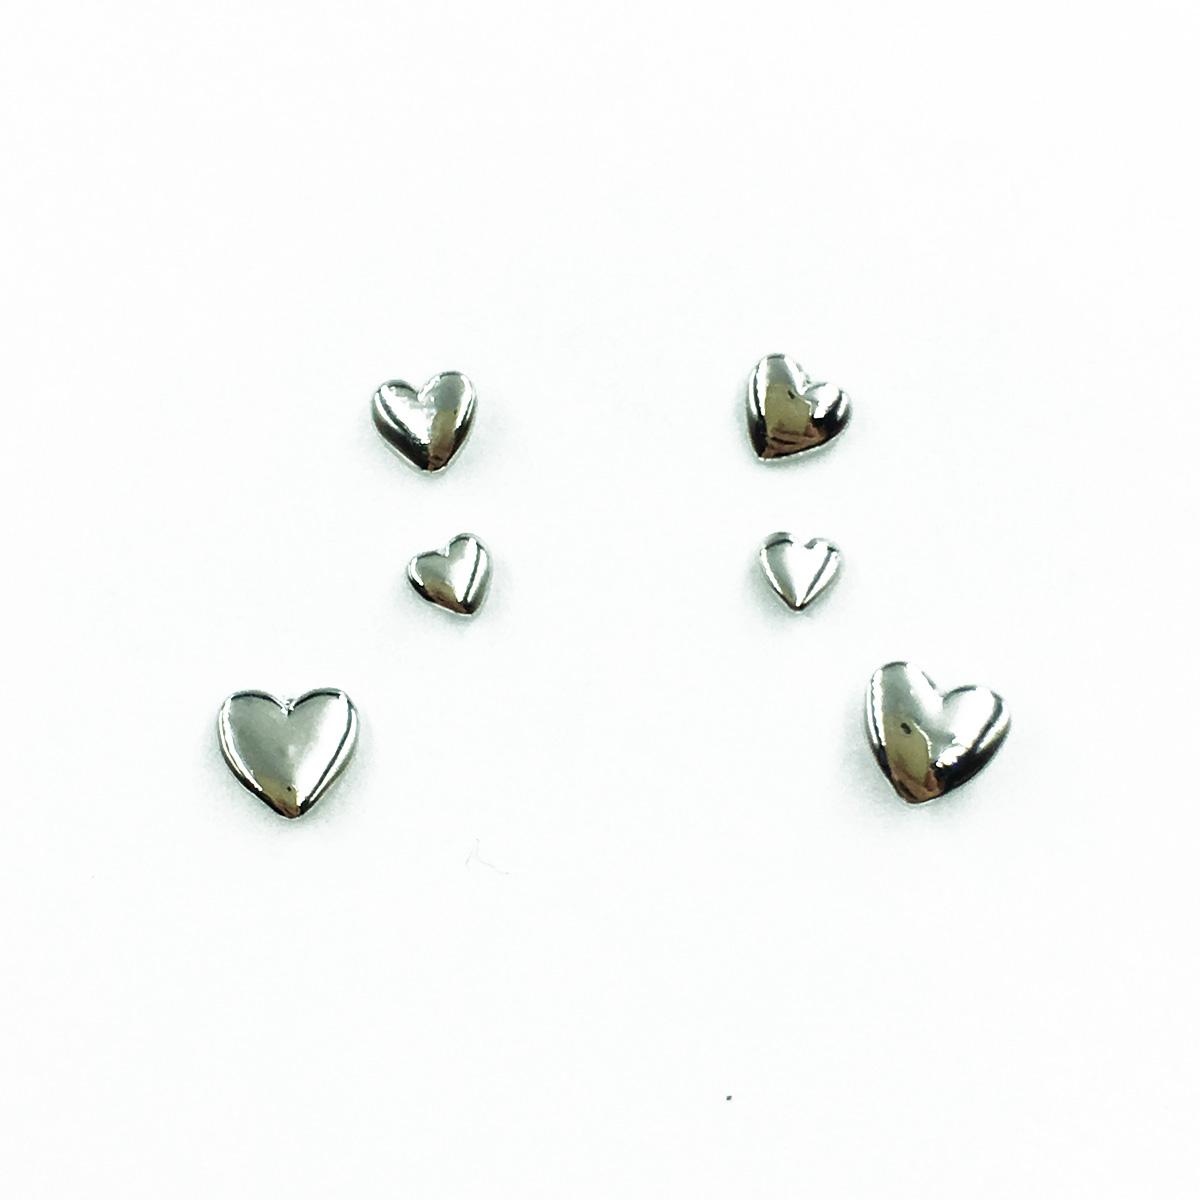 韓國 925純銀 愛心 歐美簡約風 3對組 基本百搭款 耳針式耳環